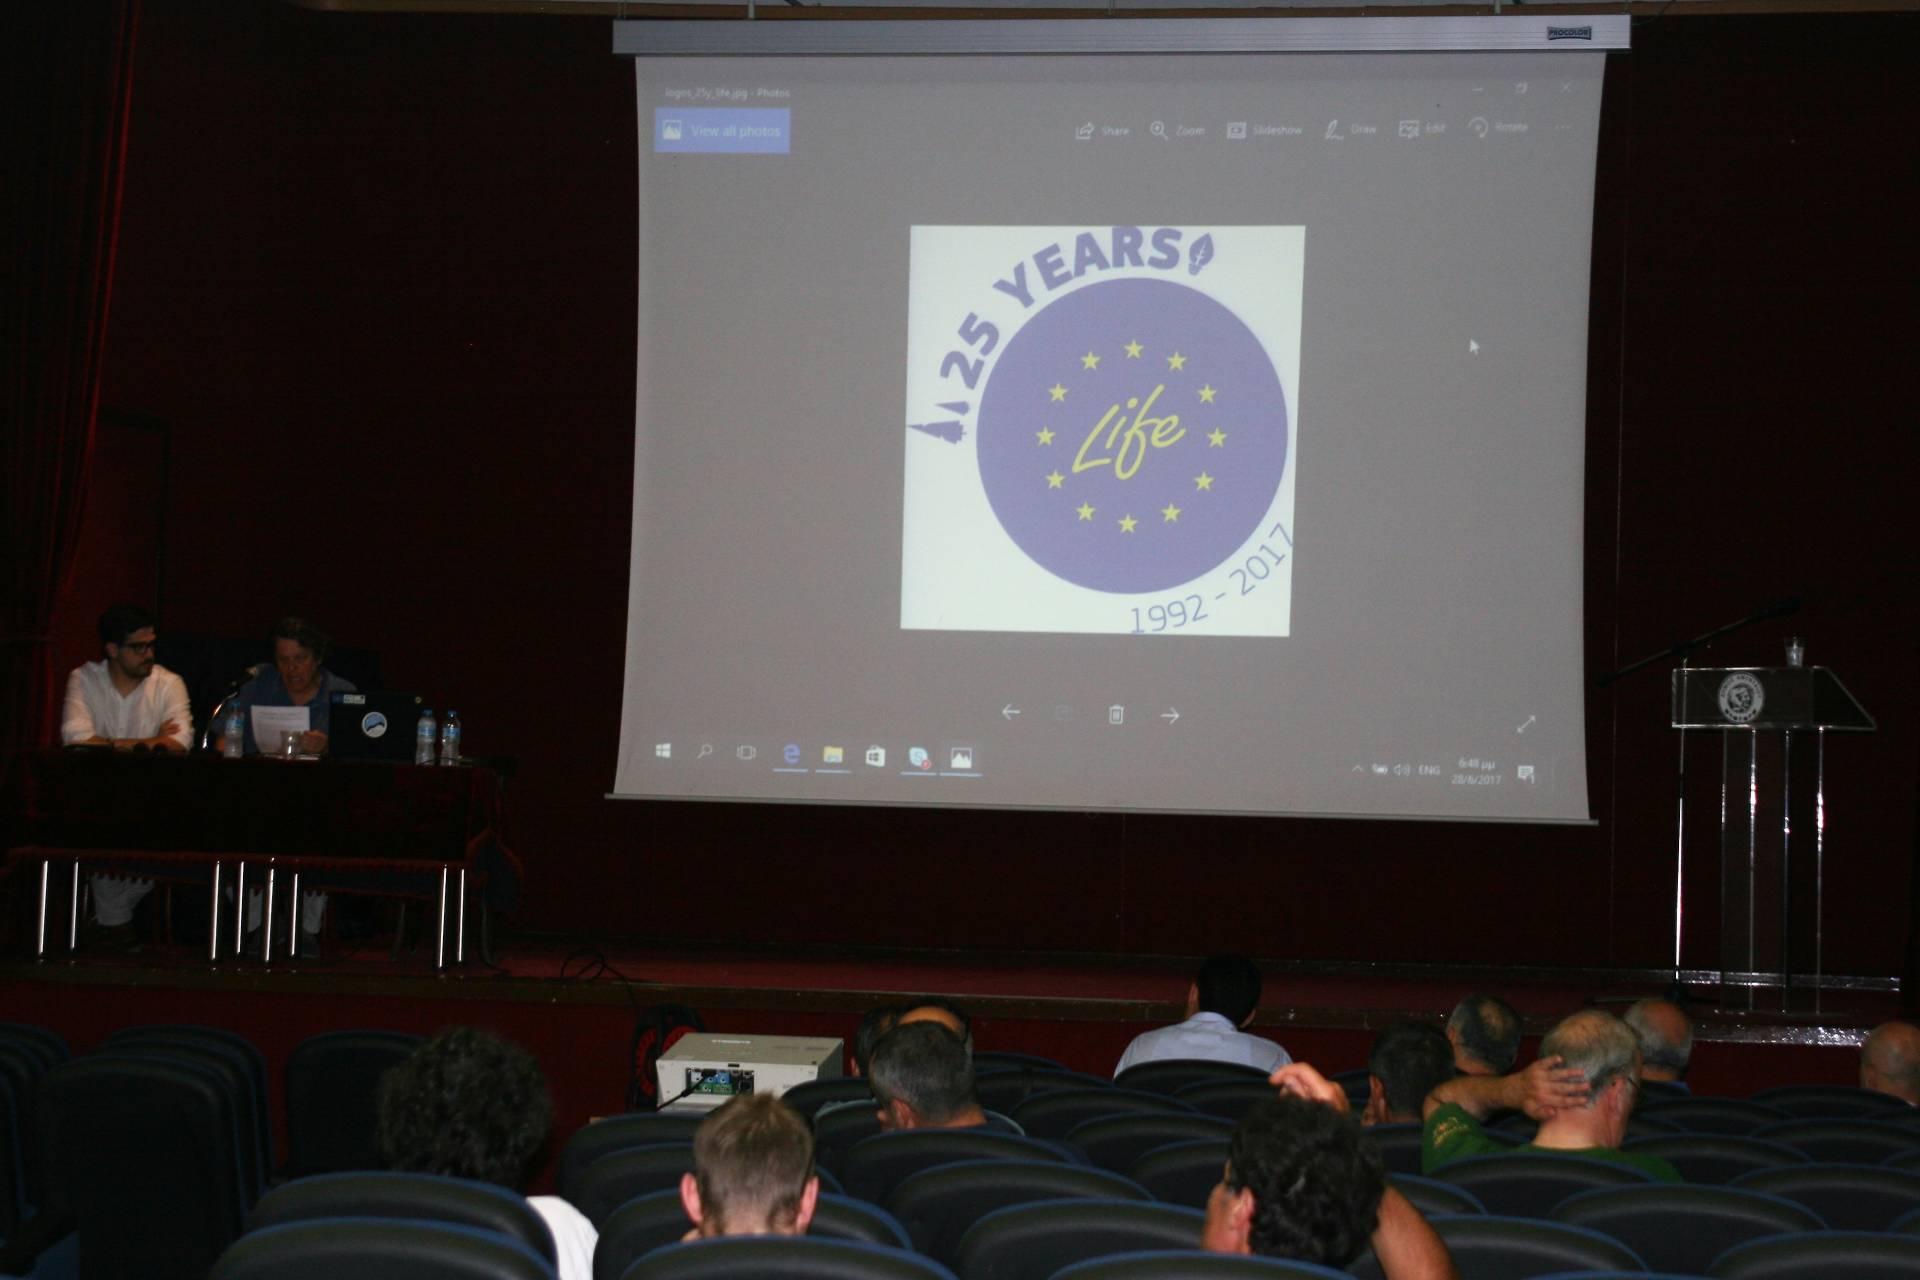 Εκδηλώσεις προώθησης του τοπικού σήματος «Καφέ Αρκούδας» για τη σήμανση προϊόντων και υπηρεσιών φιλικών προς την Αρκούδα